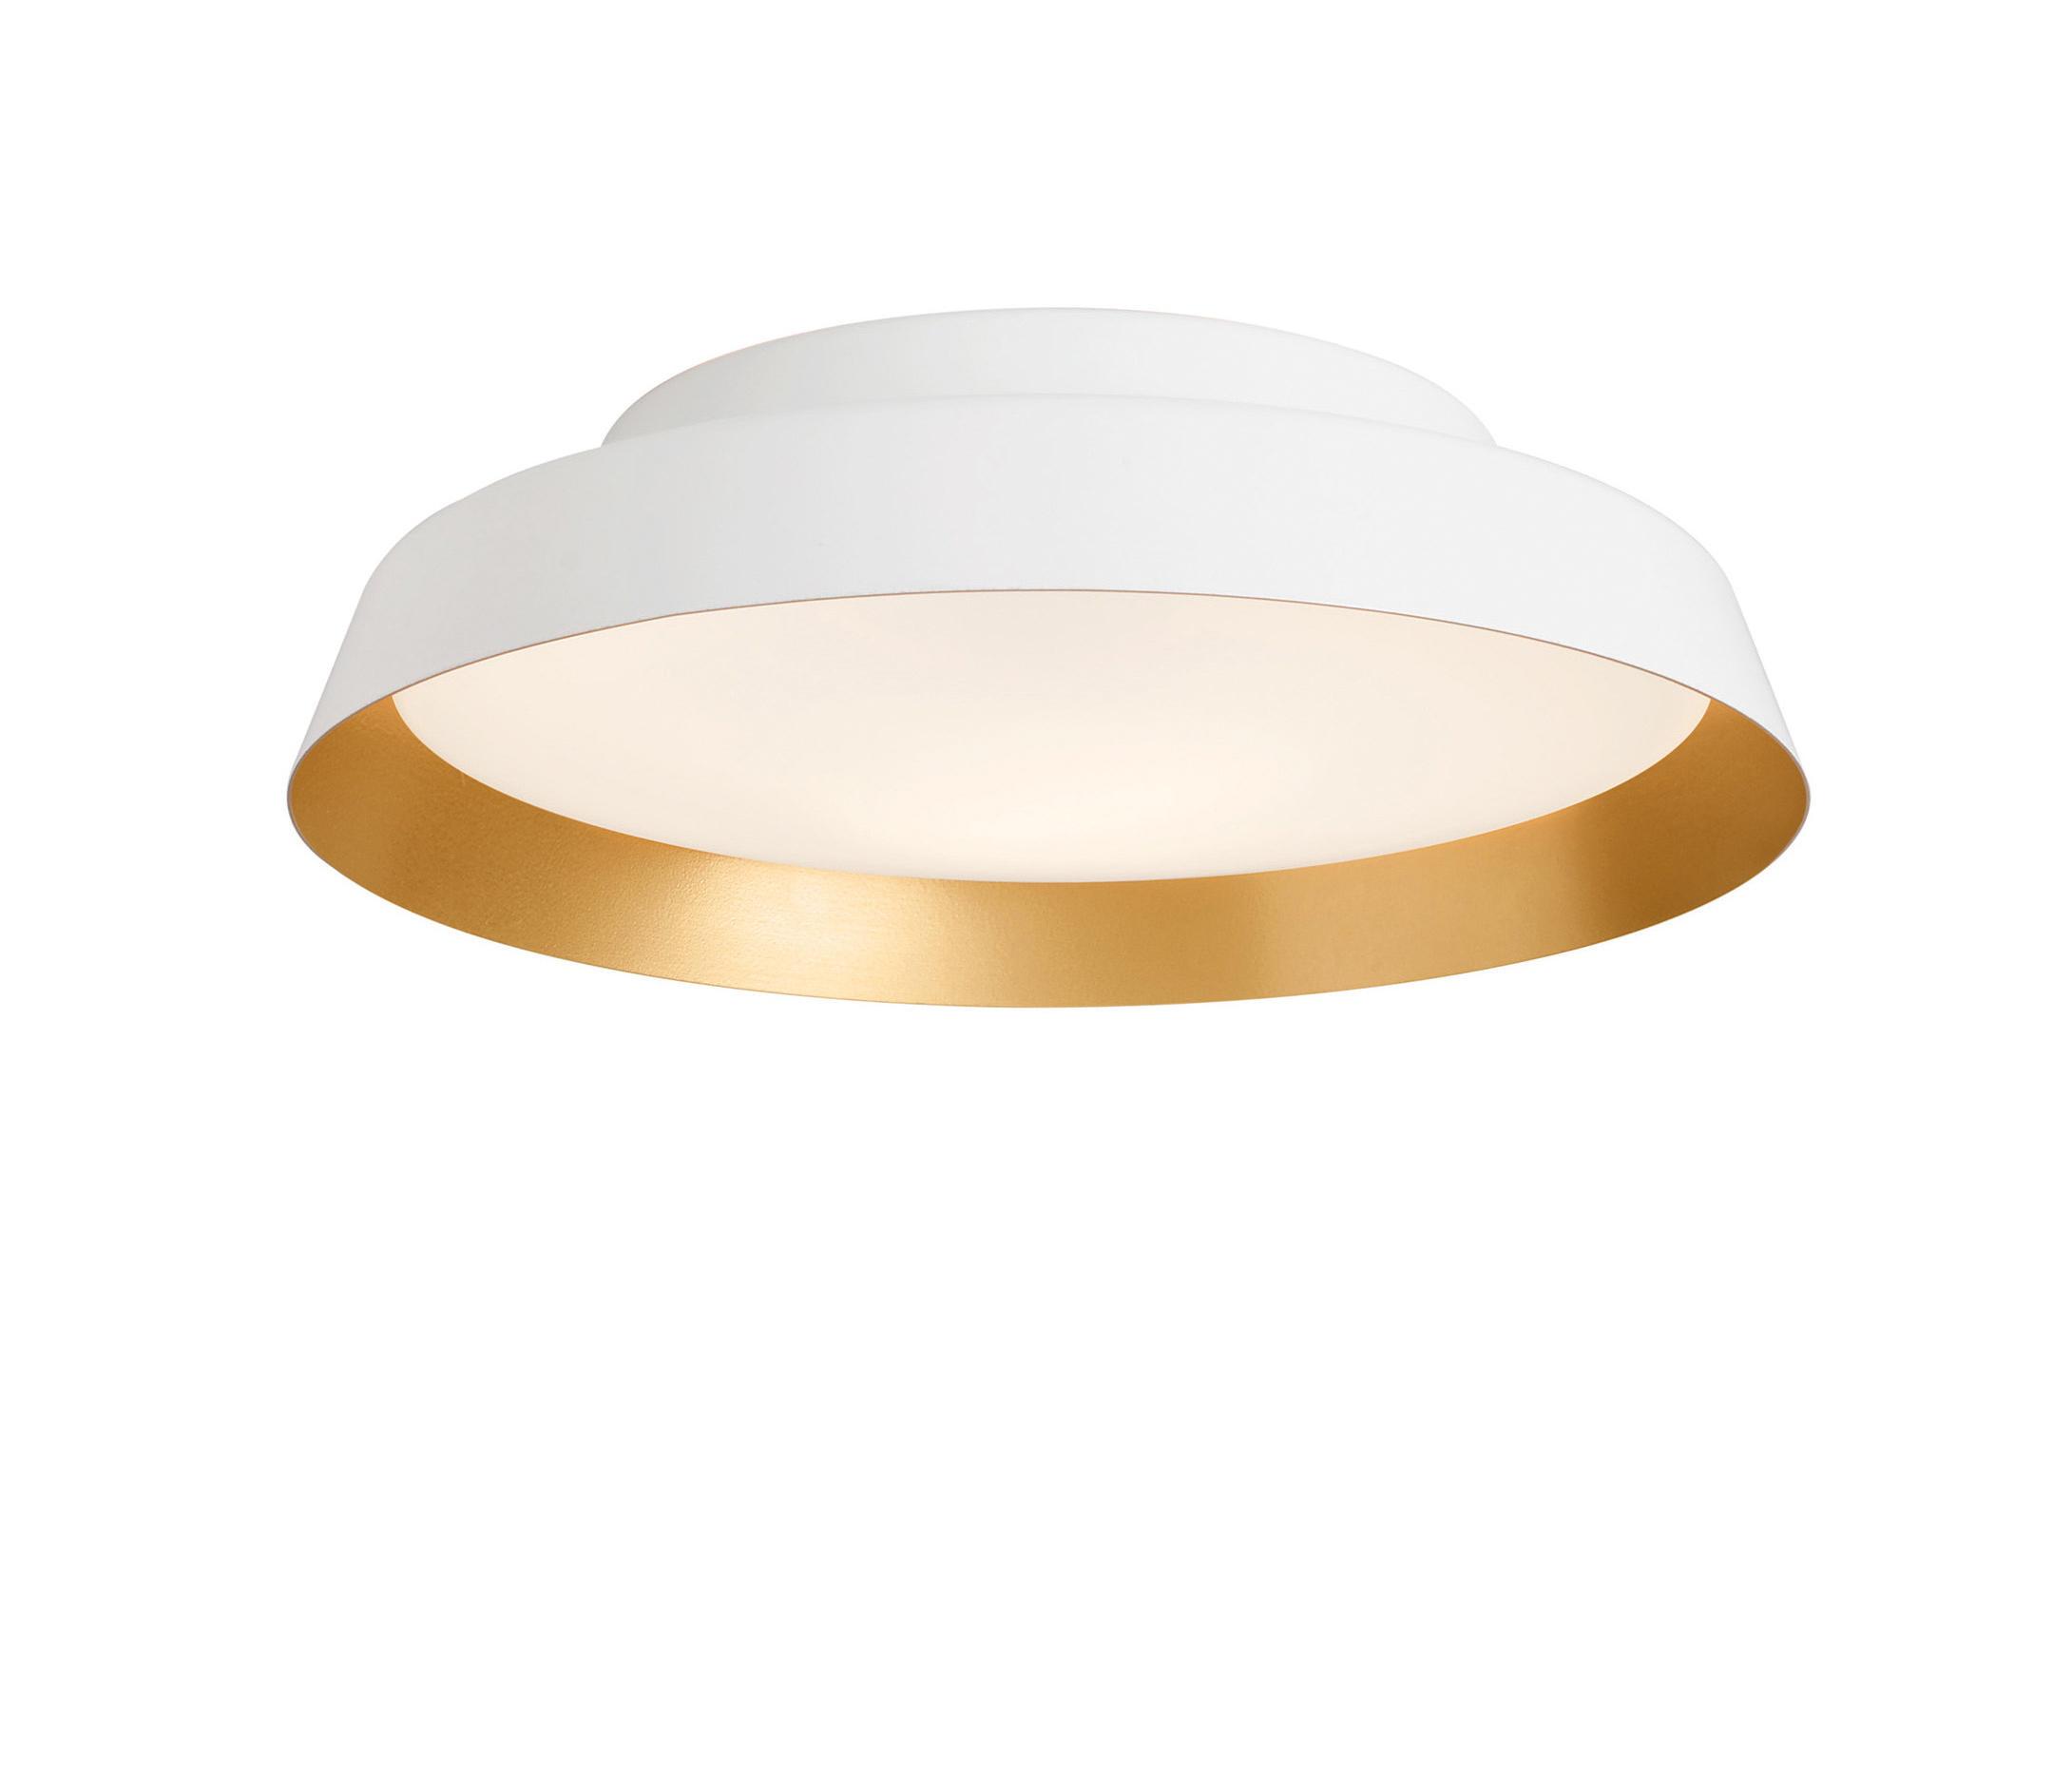 Boop Wall lamp/ceiling lamp ø37cm E27 2x22w White/Oro